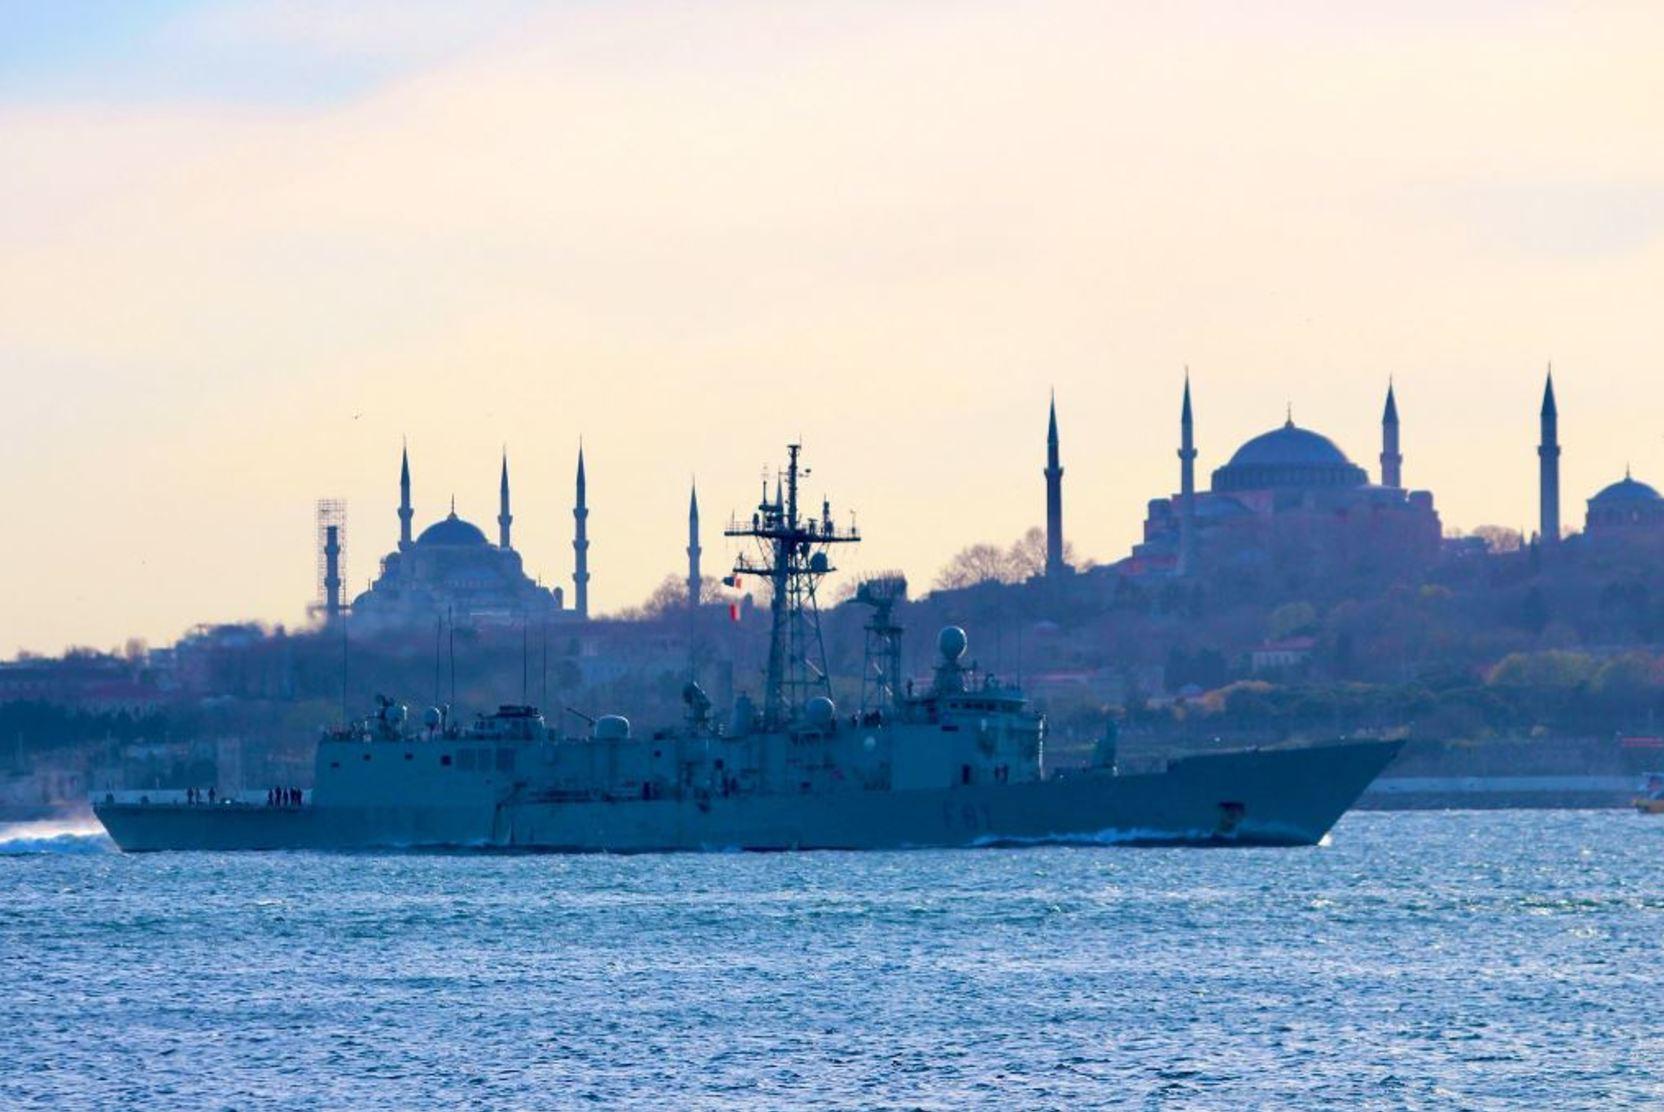 СМИ: Движение по проливу Босфор остановлено из-за аварии танкера